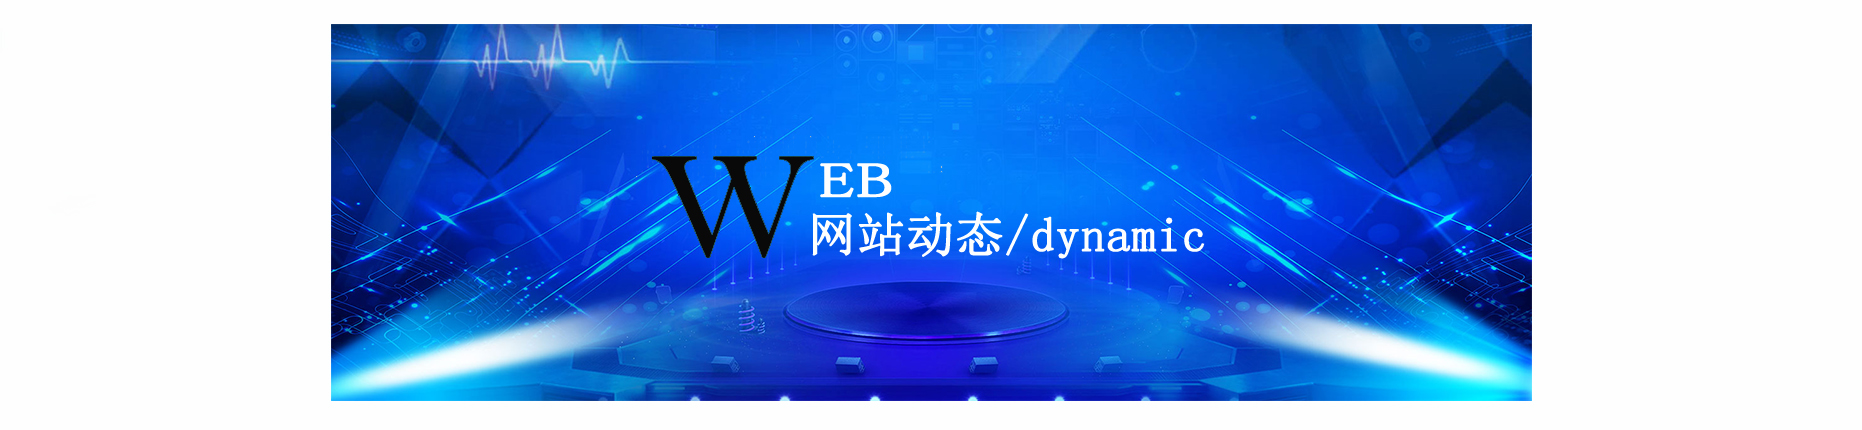 深圳厚达企业网站动态